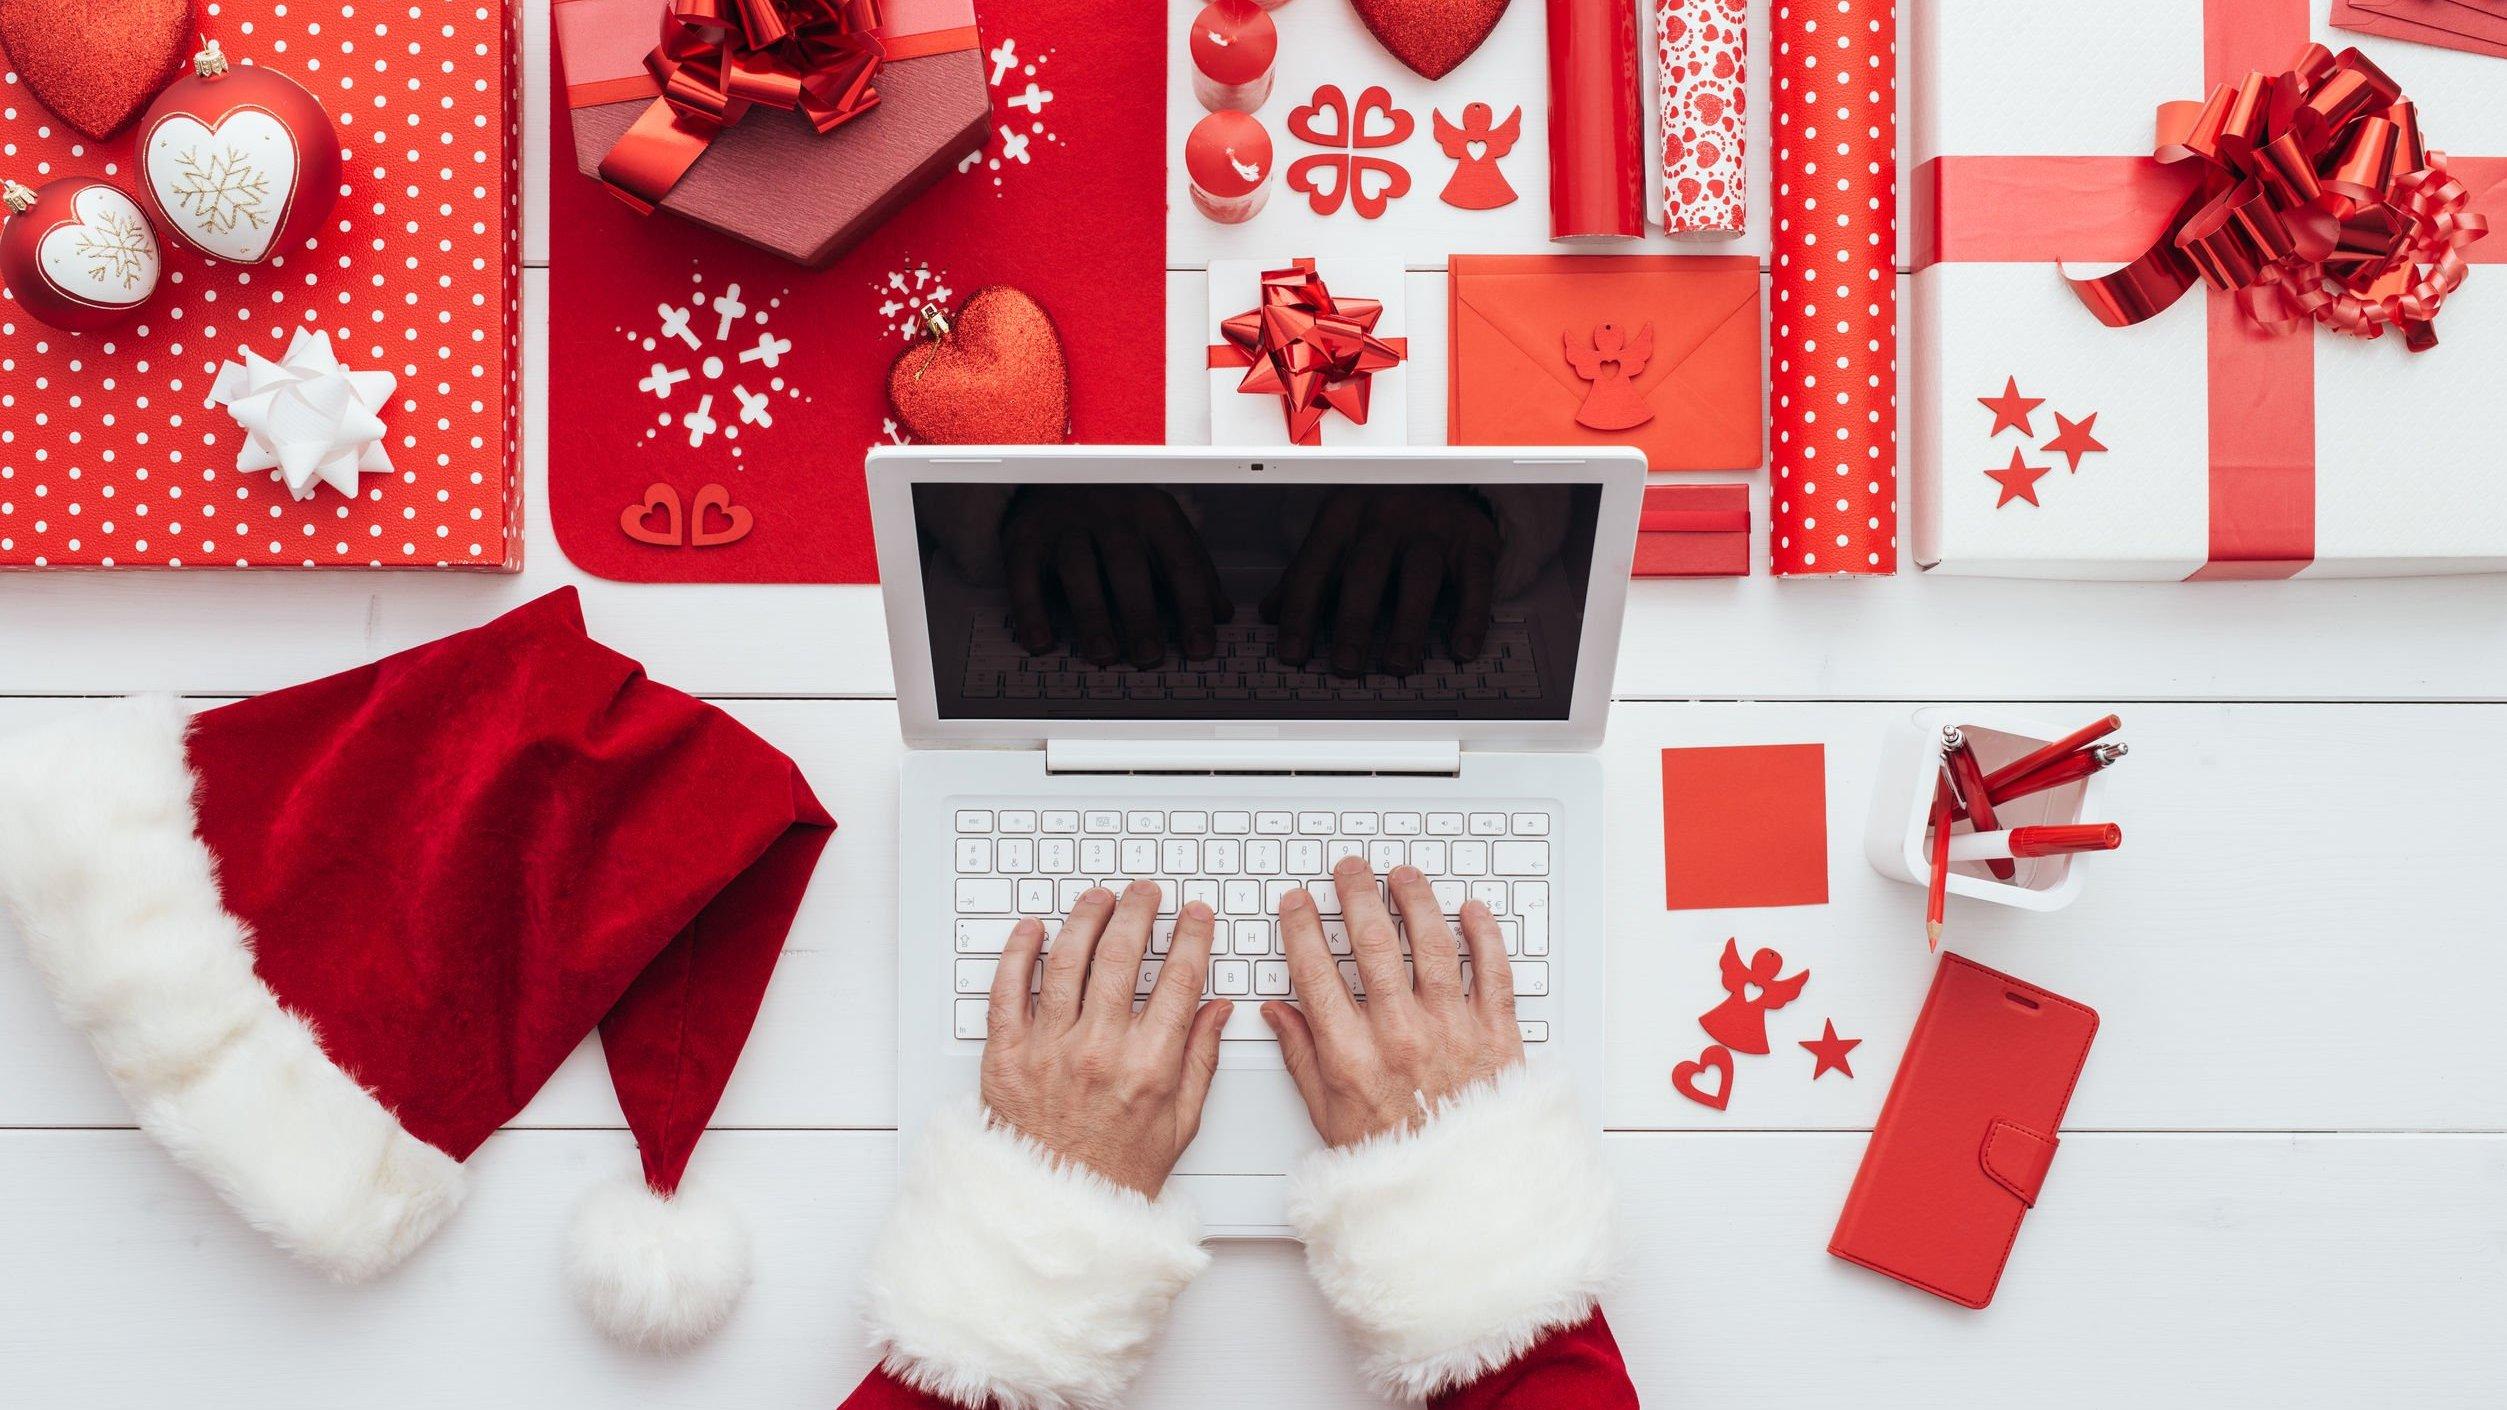 Mãos brancas manuseando um laptop branco com adereços natalinos ao redor.